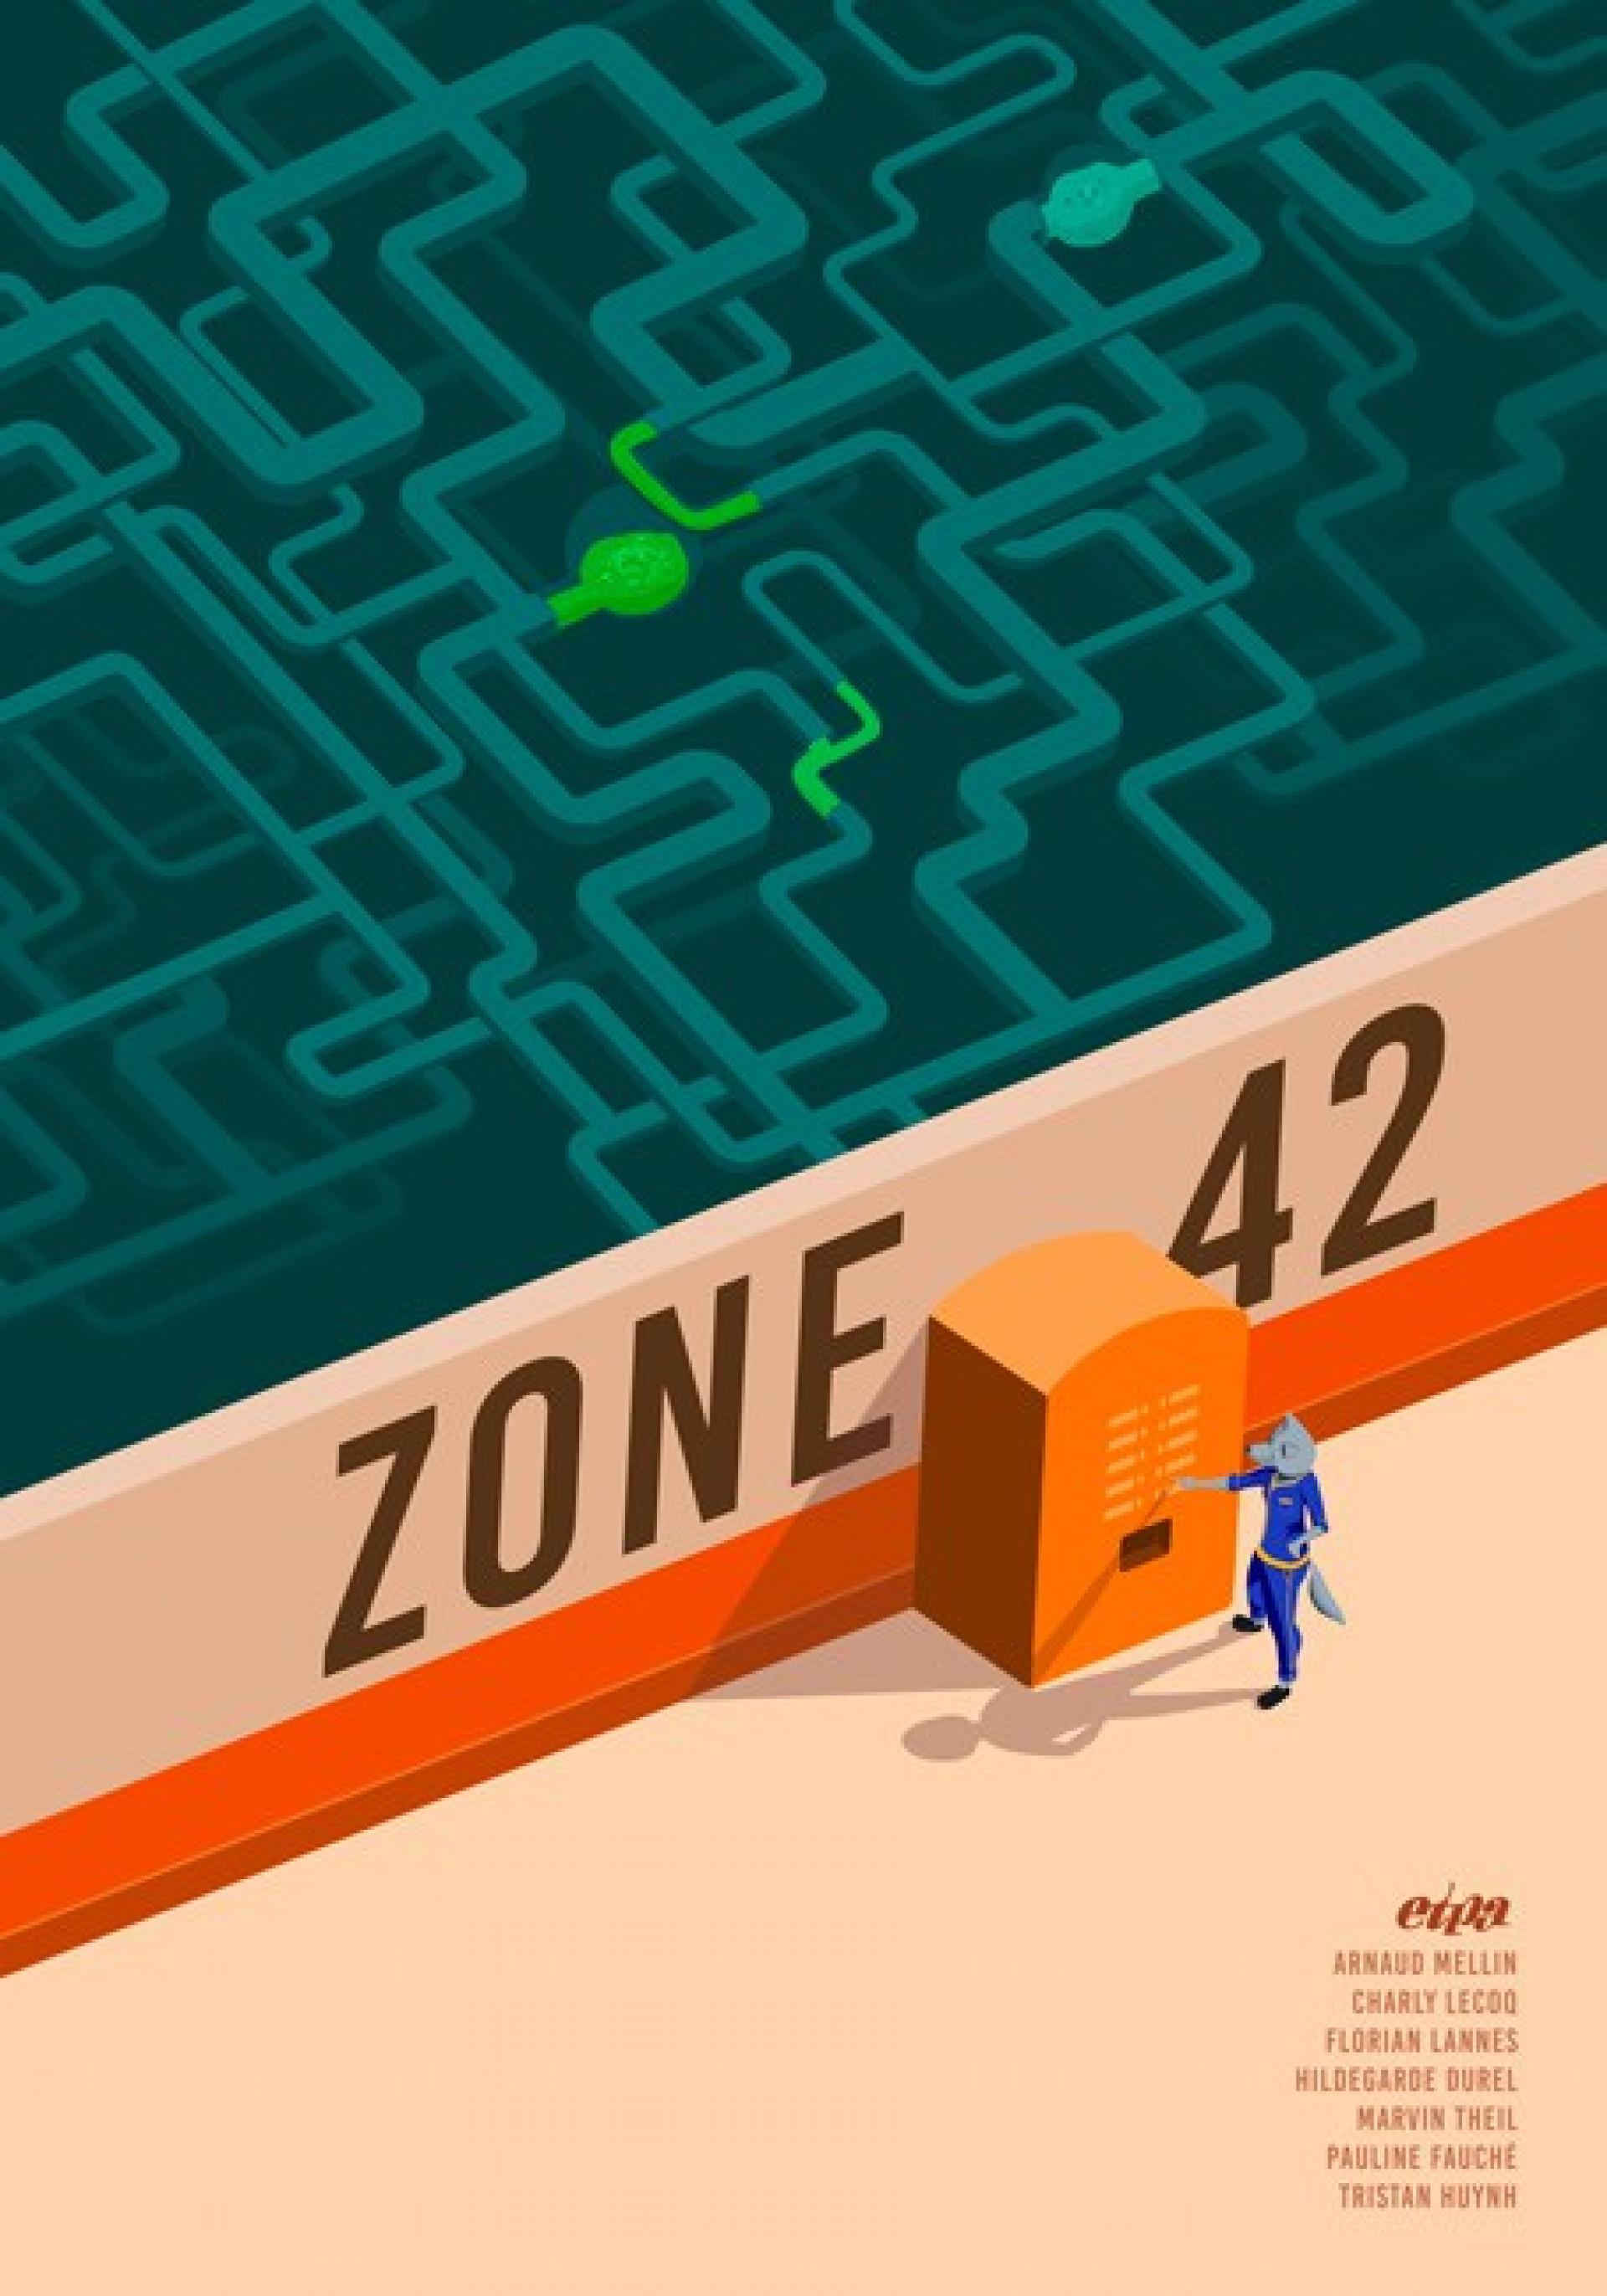 zone42